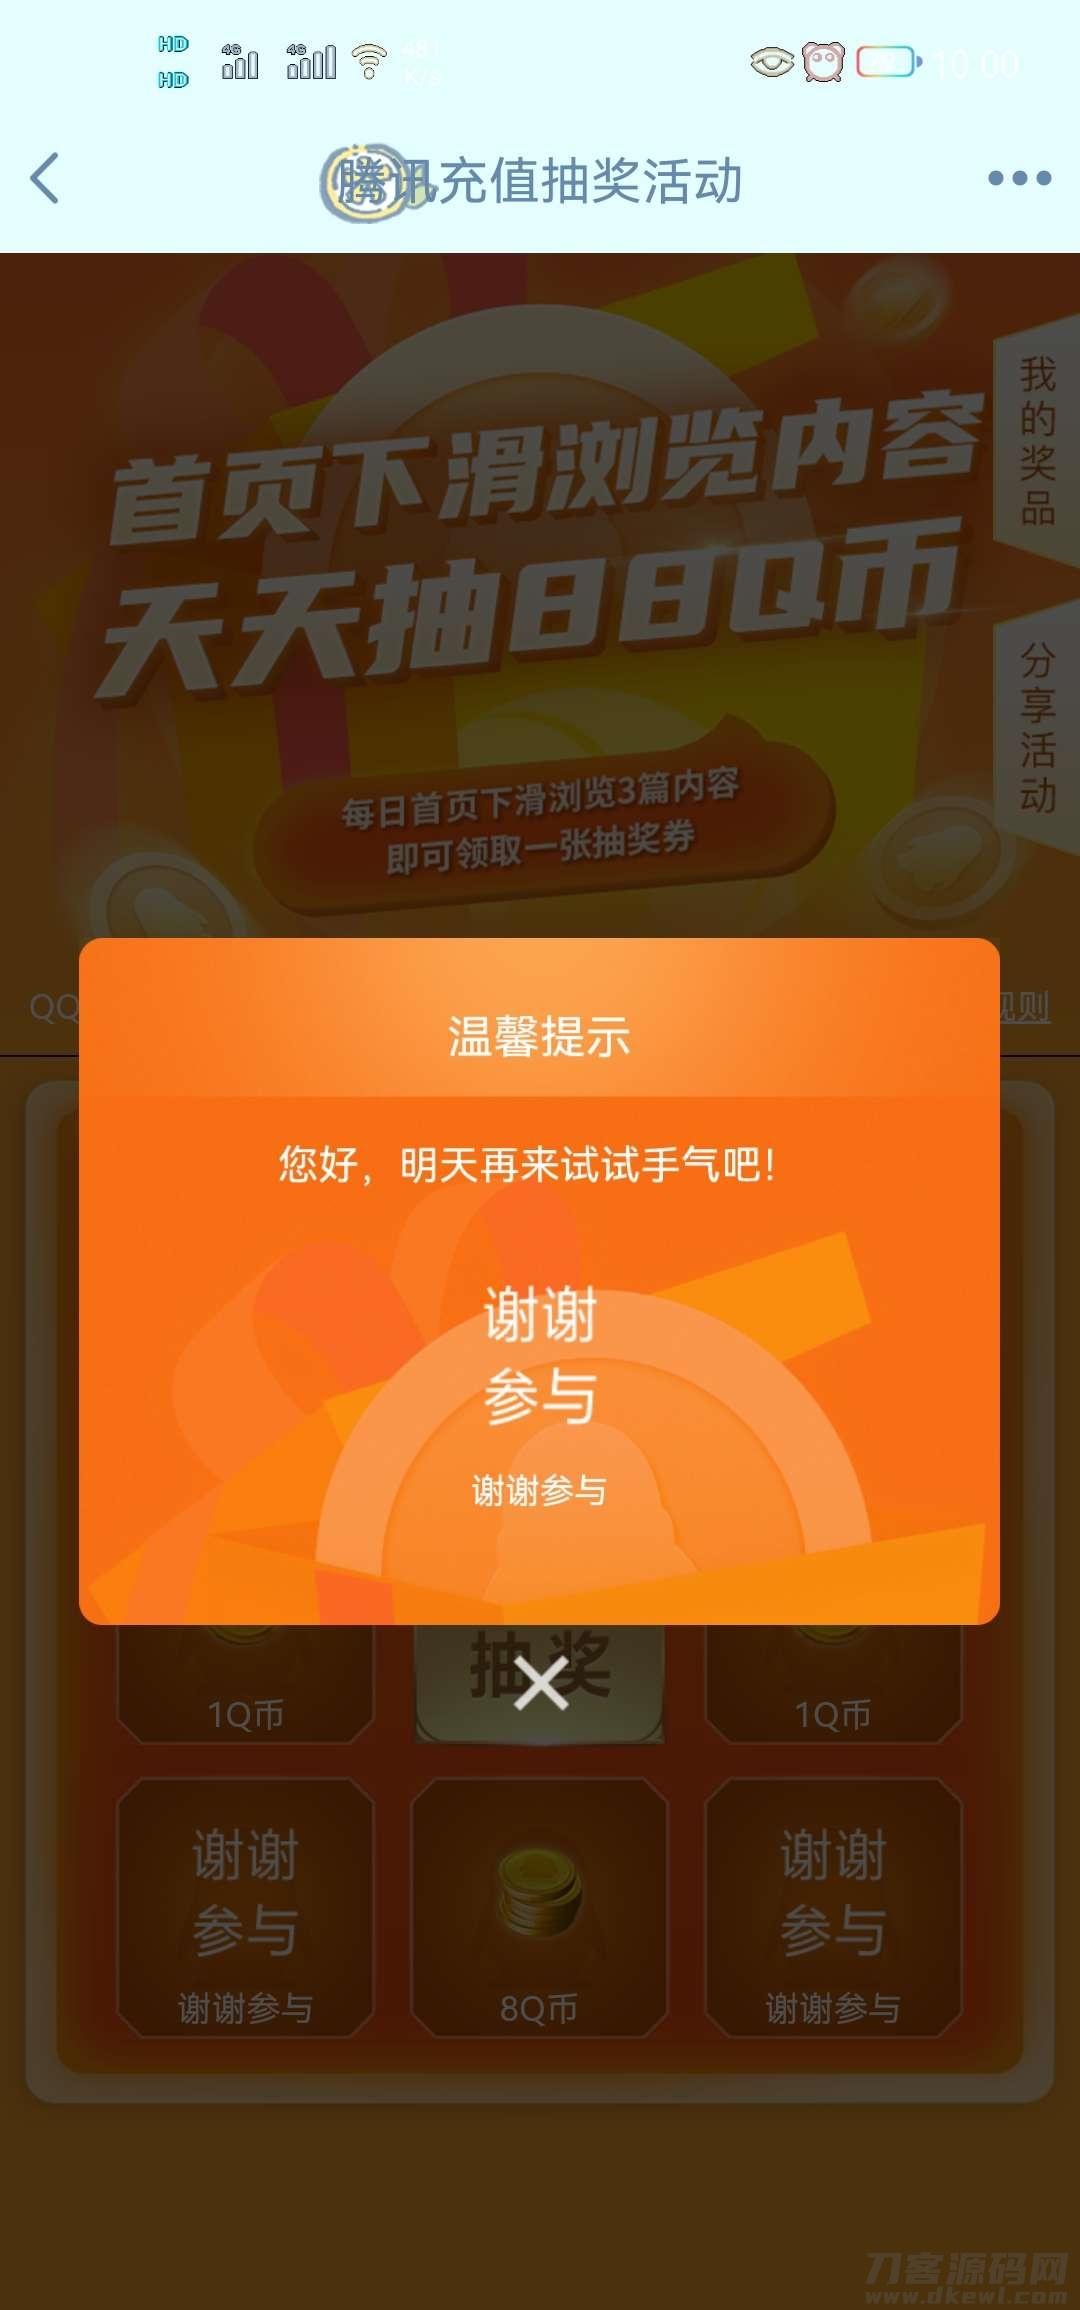 【虚拟商品】QQ钱夹访问內容抽Q币插图1